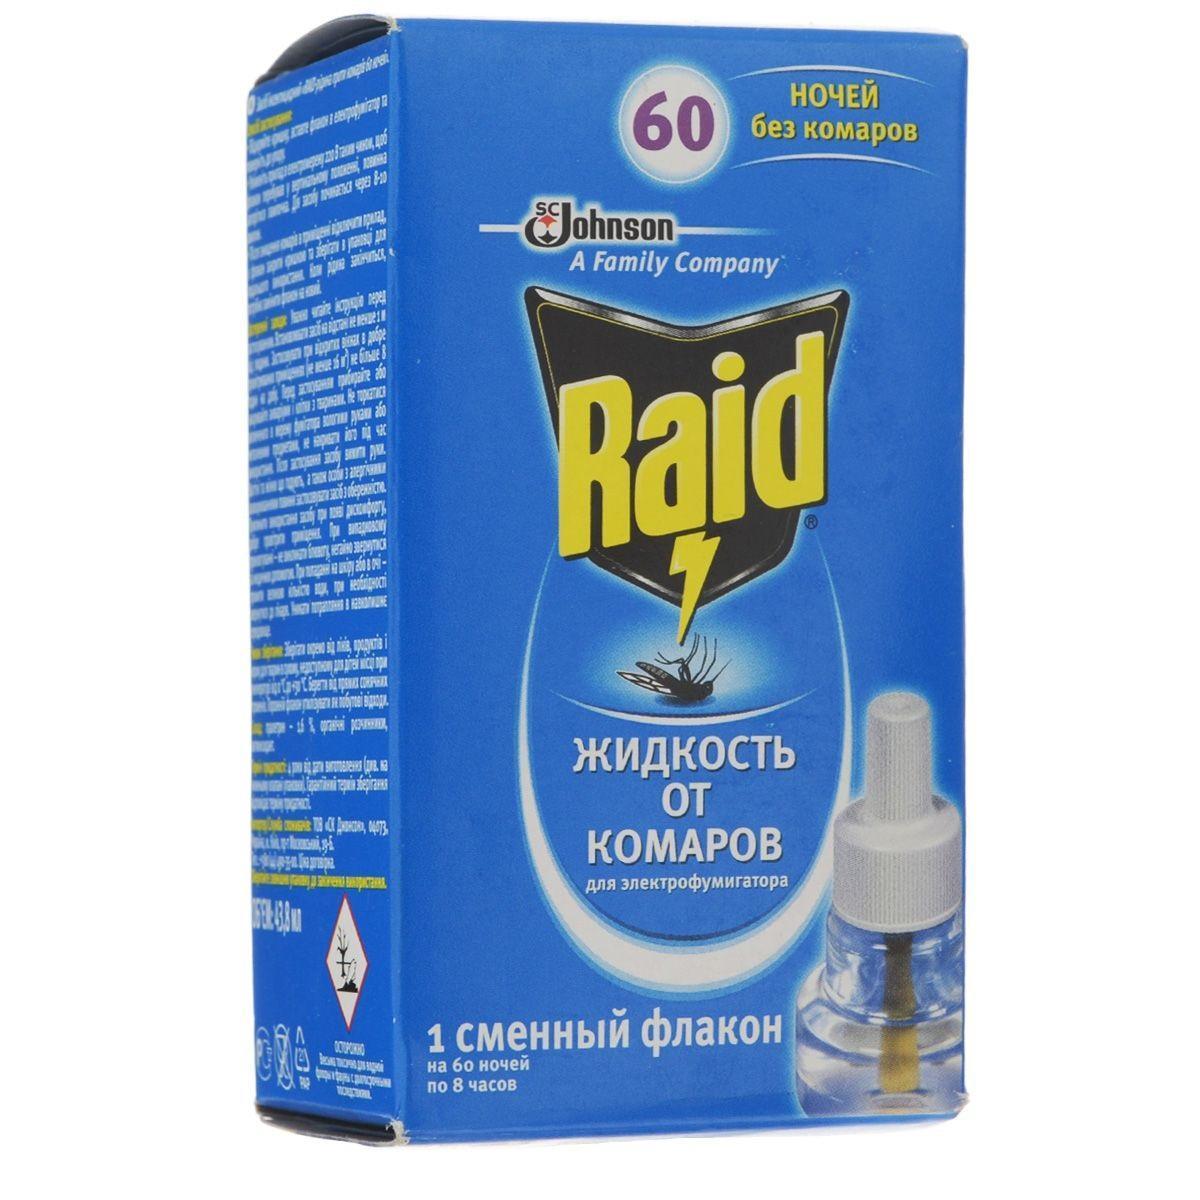 Жидкость для фумигатора от комаров Raid, на 60 ночей жидкость для фумигатора от комаров raid на 30 ночей 21 9 мл